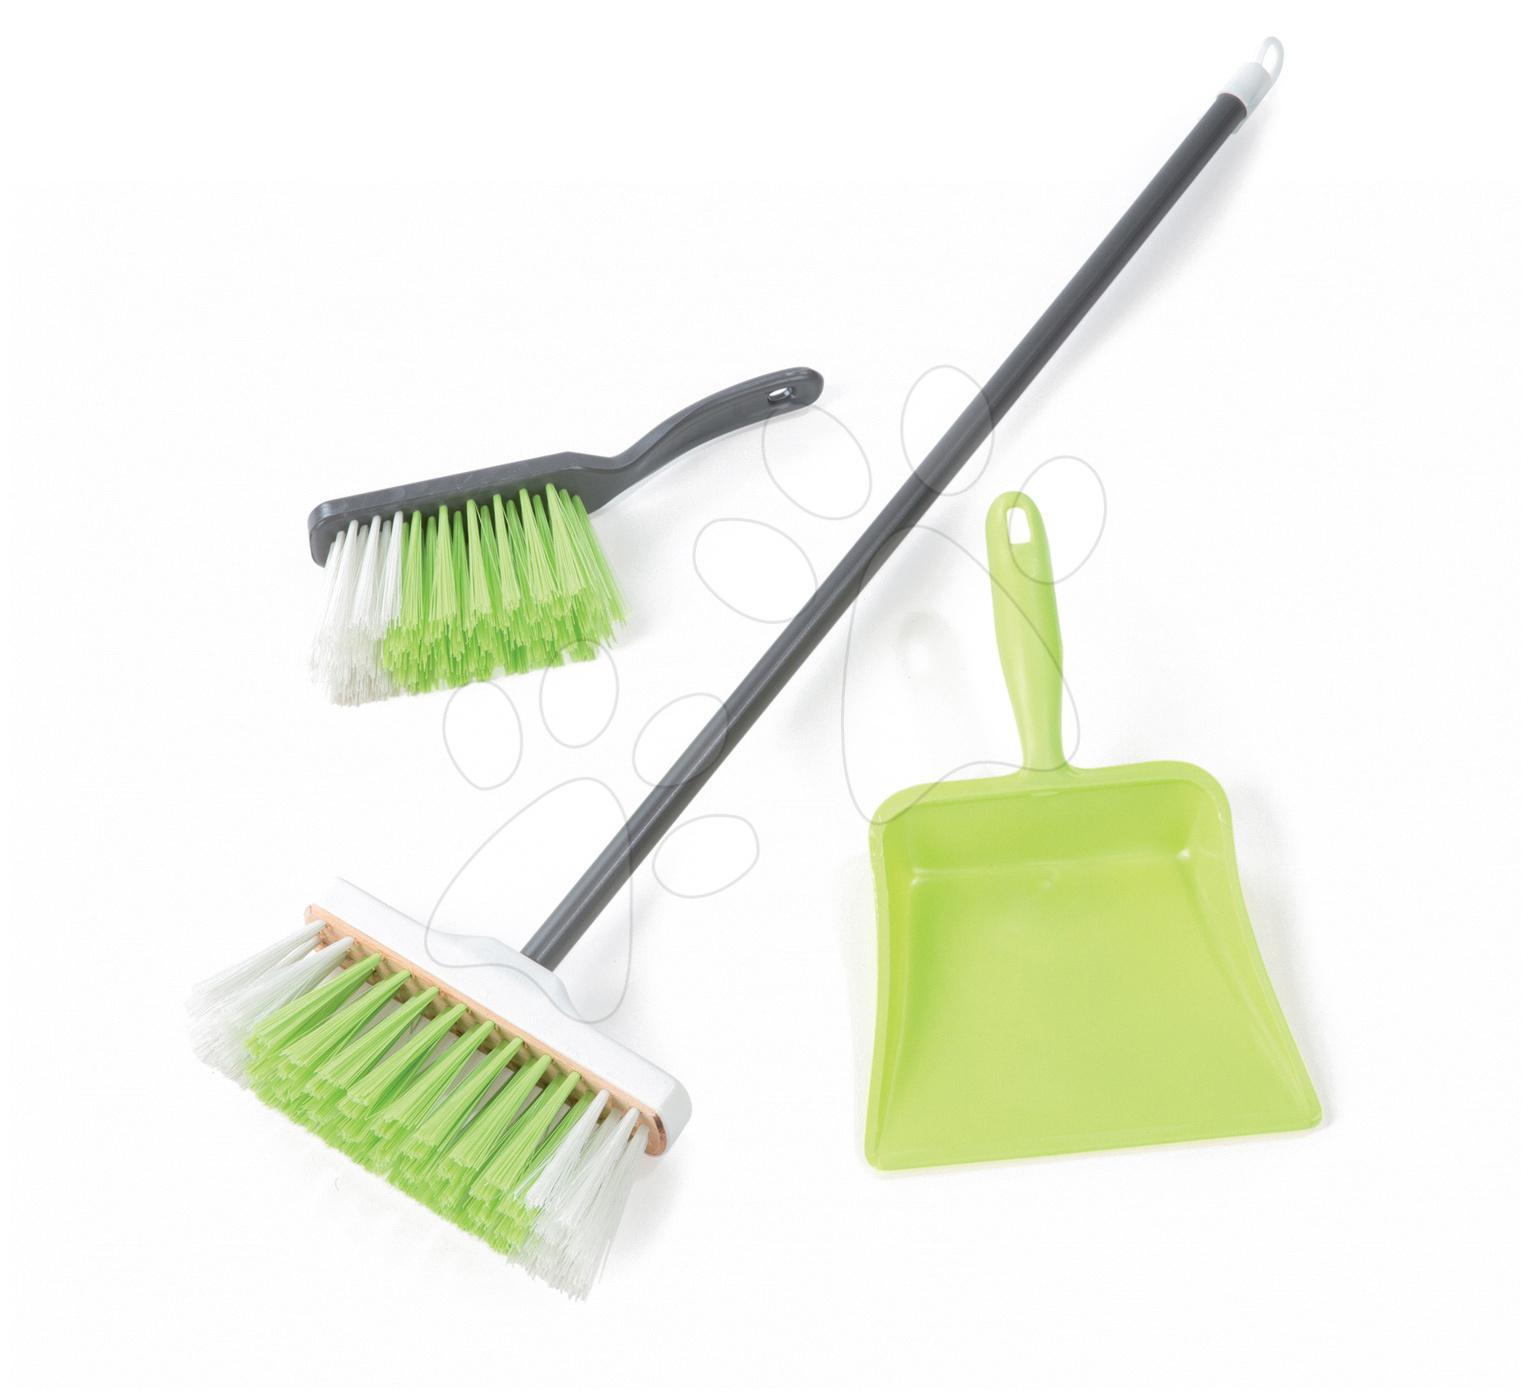 Hry na domácnosť - Sada na upratovanie 3v1 Smoby s metlou a lopatkou zelená